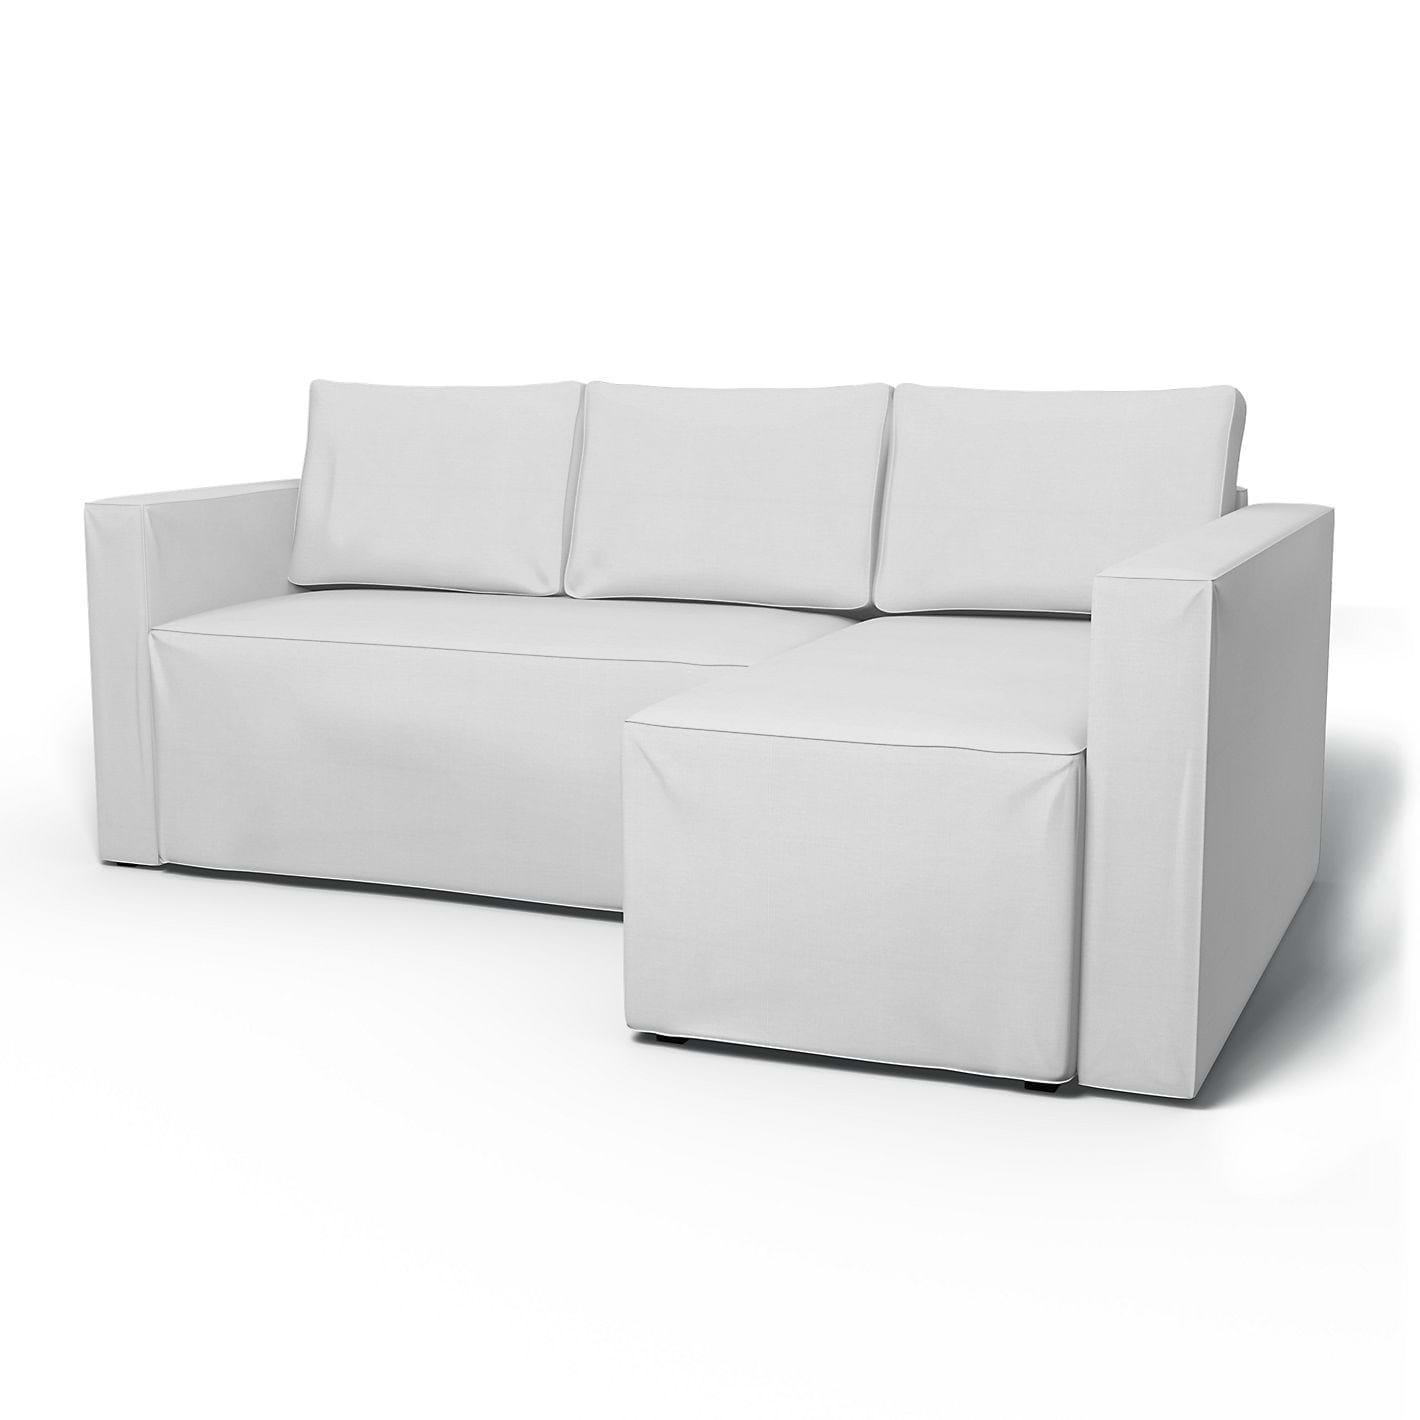 Housses Personnalisées Pour Meubles Ikea Canapé Coussins